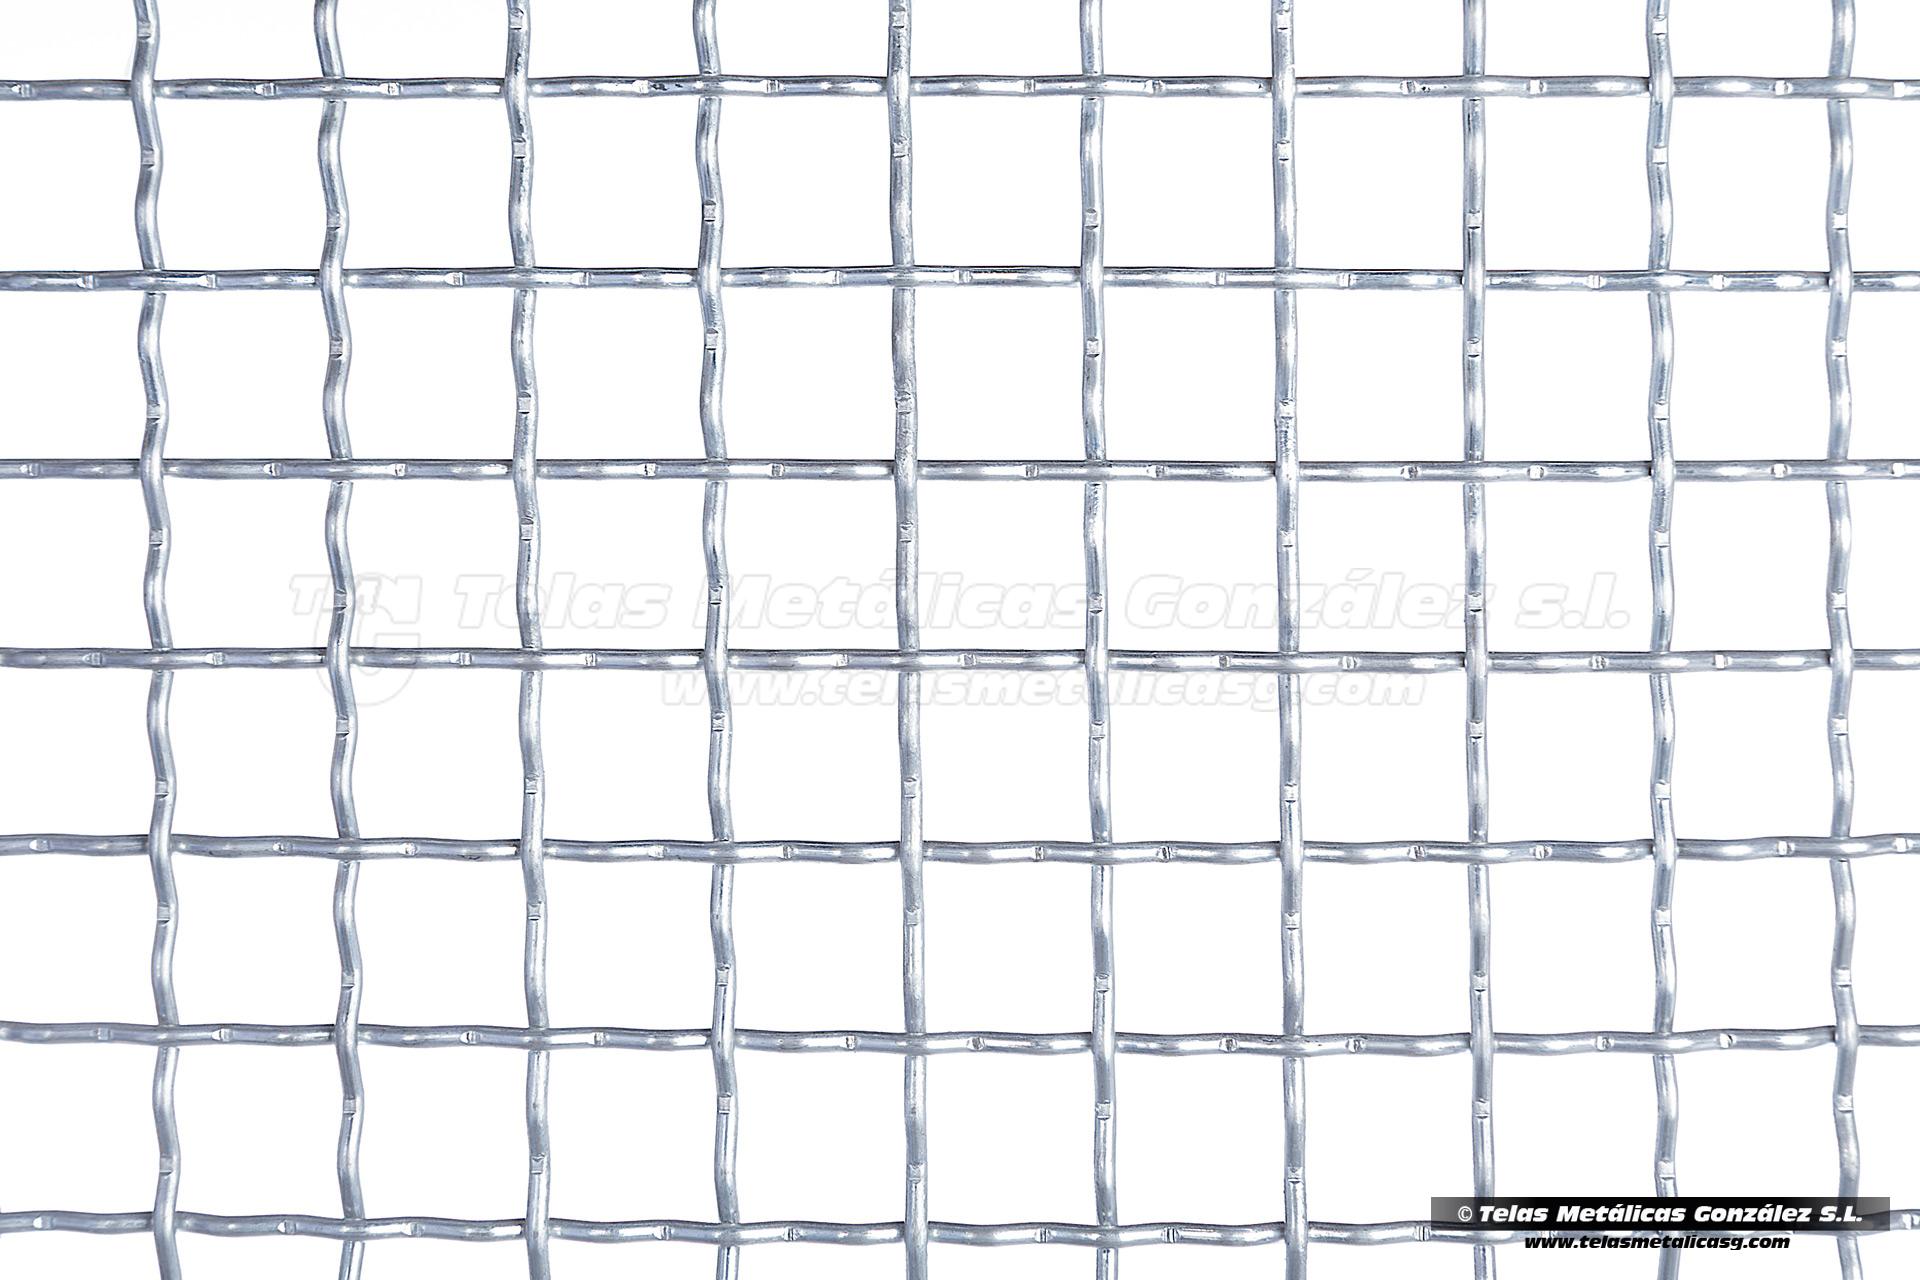 Malla electrosoldada 4x4 4 costonet malla electrosoldada - Malla alambre galvanizado ...